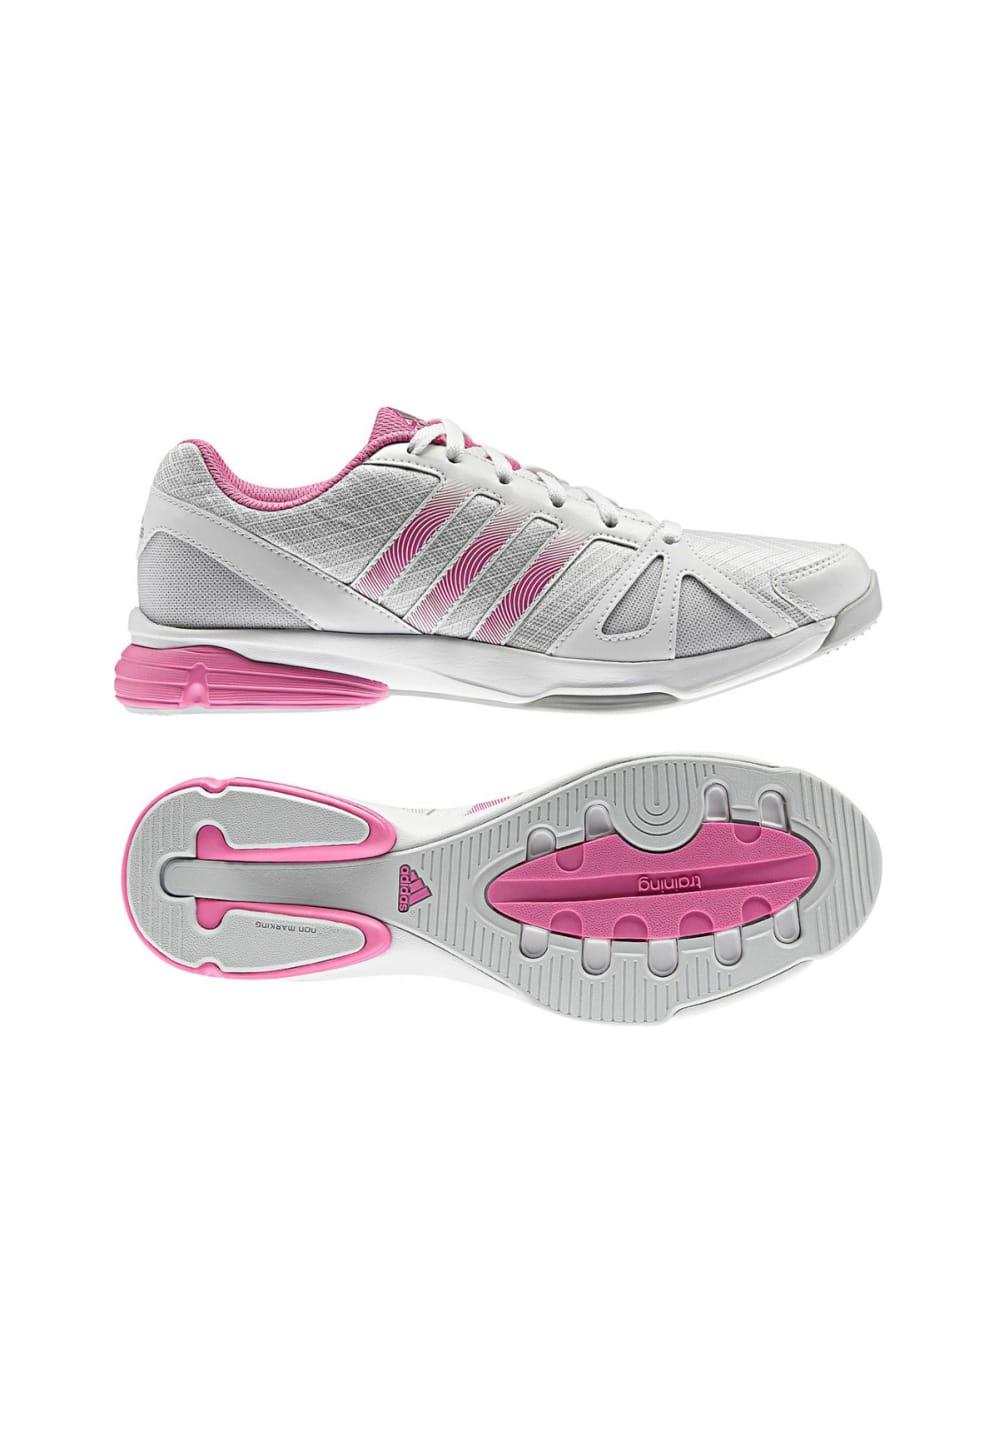 adidas Sumbrah 2 - Fitnessschuhe für Damen - Weiß